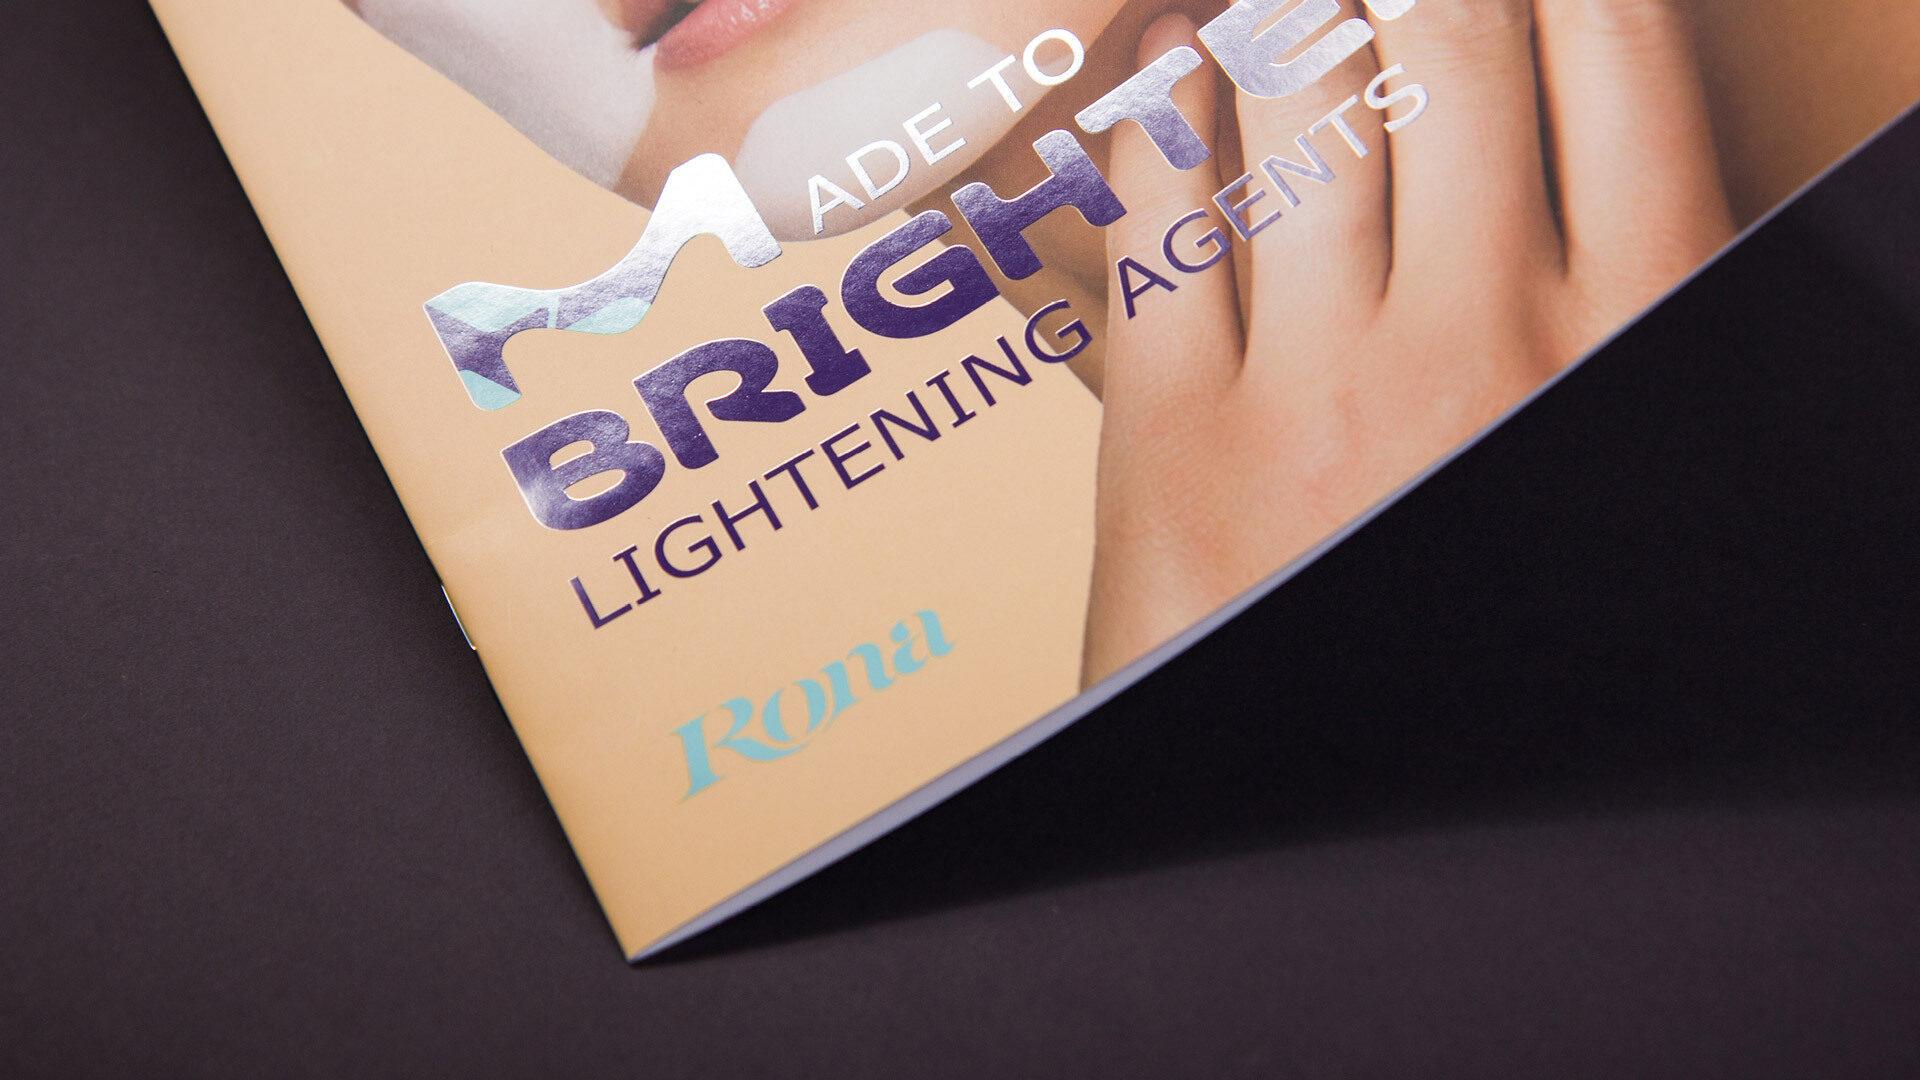 """Detail eines Broschürentitels mit violetter Headline """"Made to Brighten"""" und glänzendem Drucklack"""